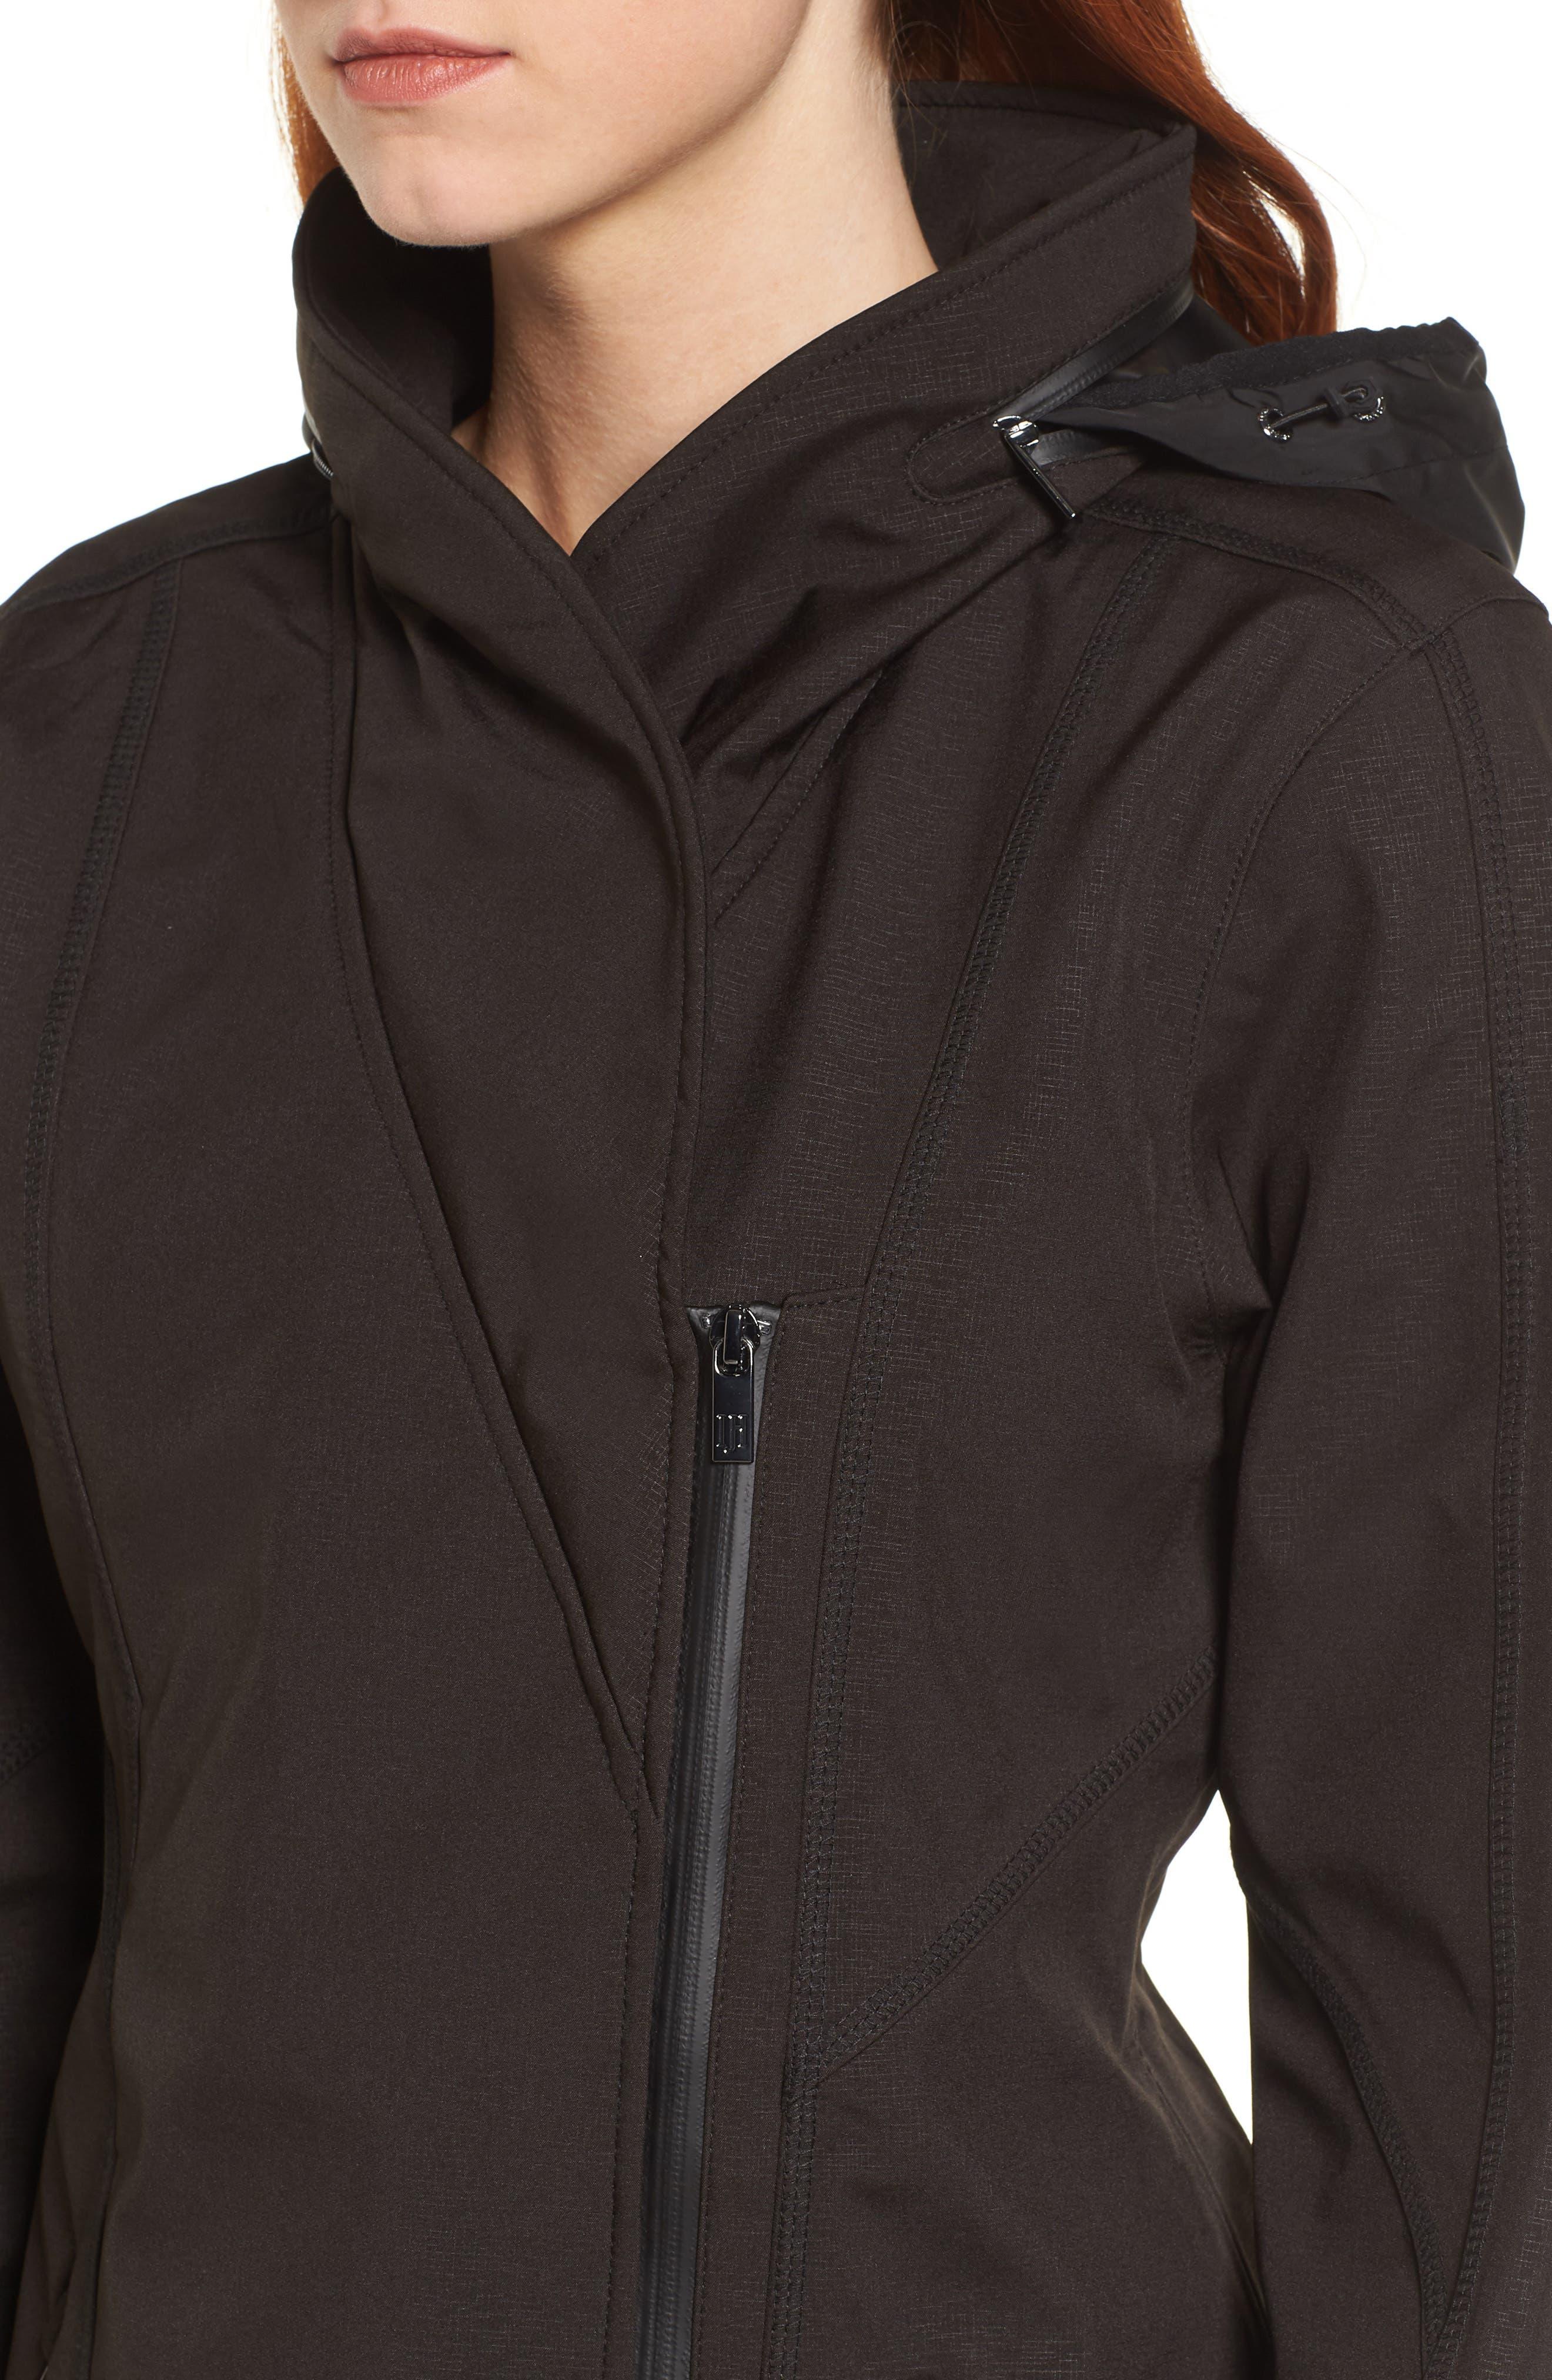 Hornbaek Soft Shell Raincoat,                             Alternate thumbnail 4, color,                             Black